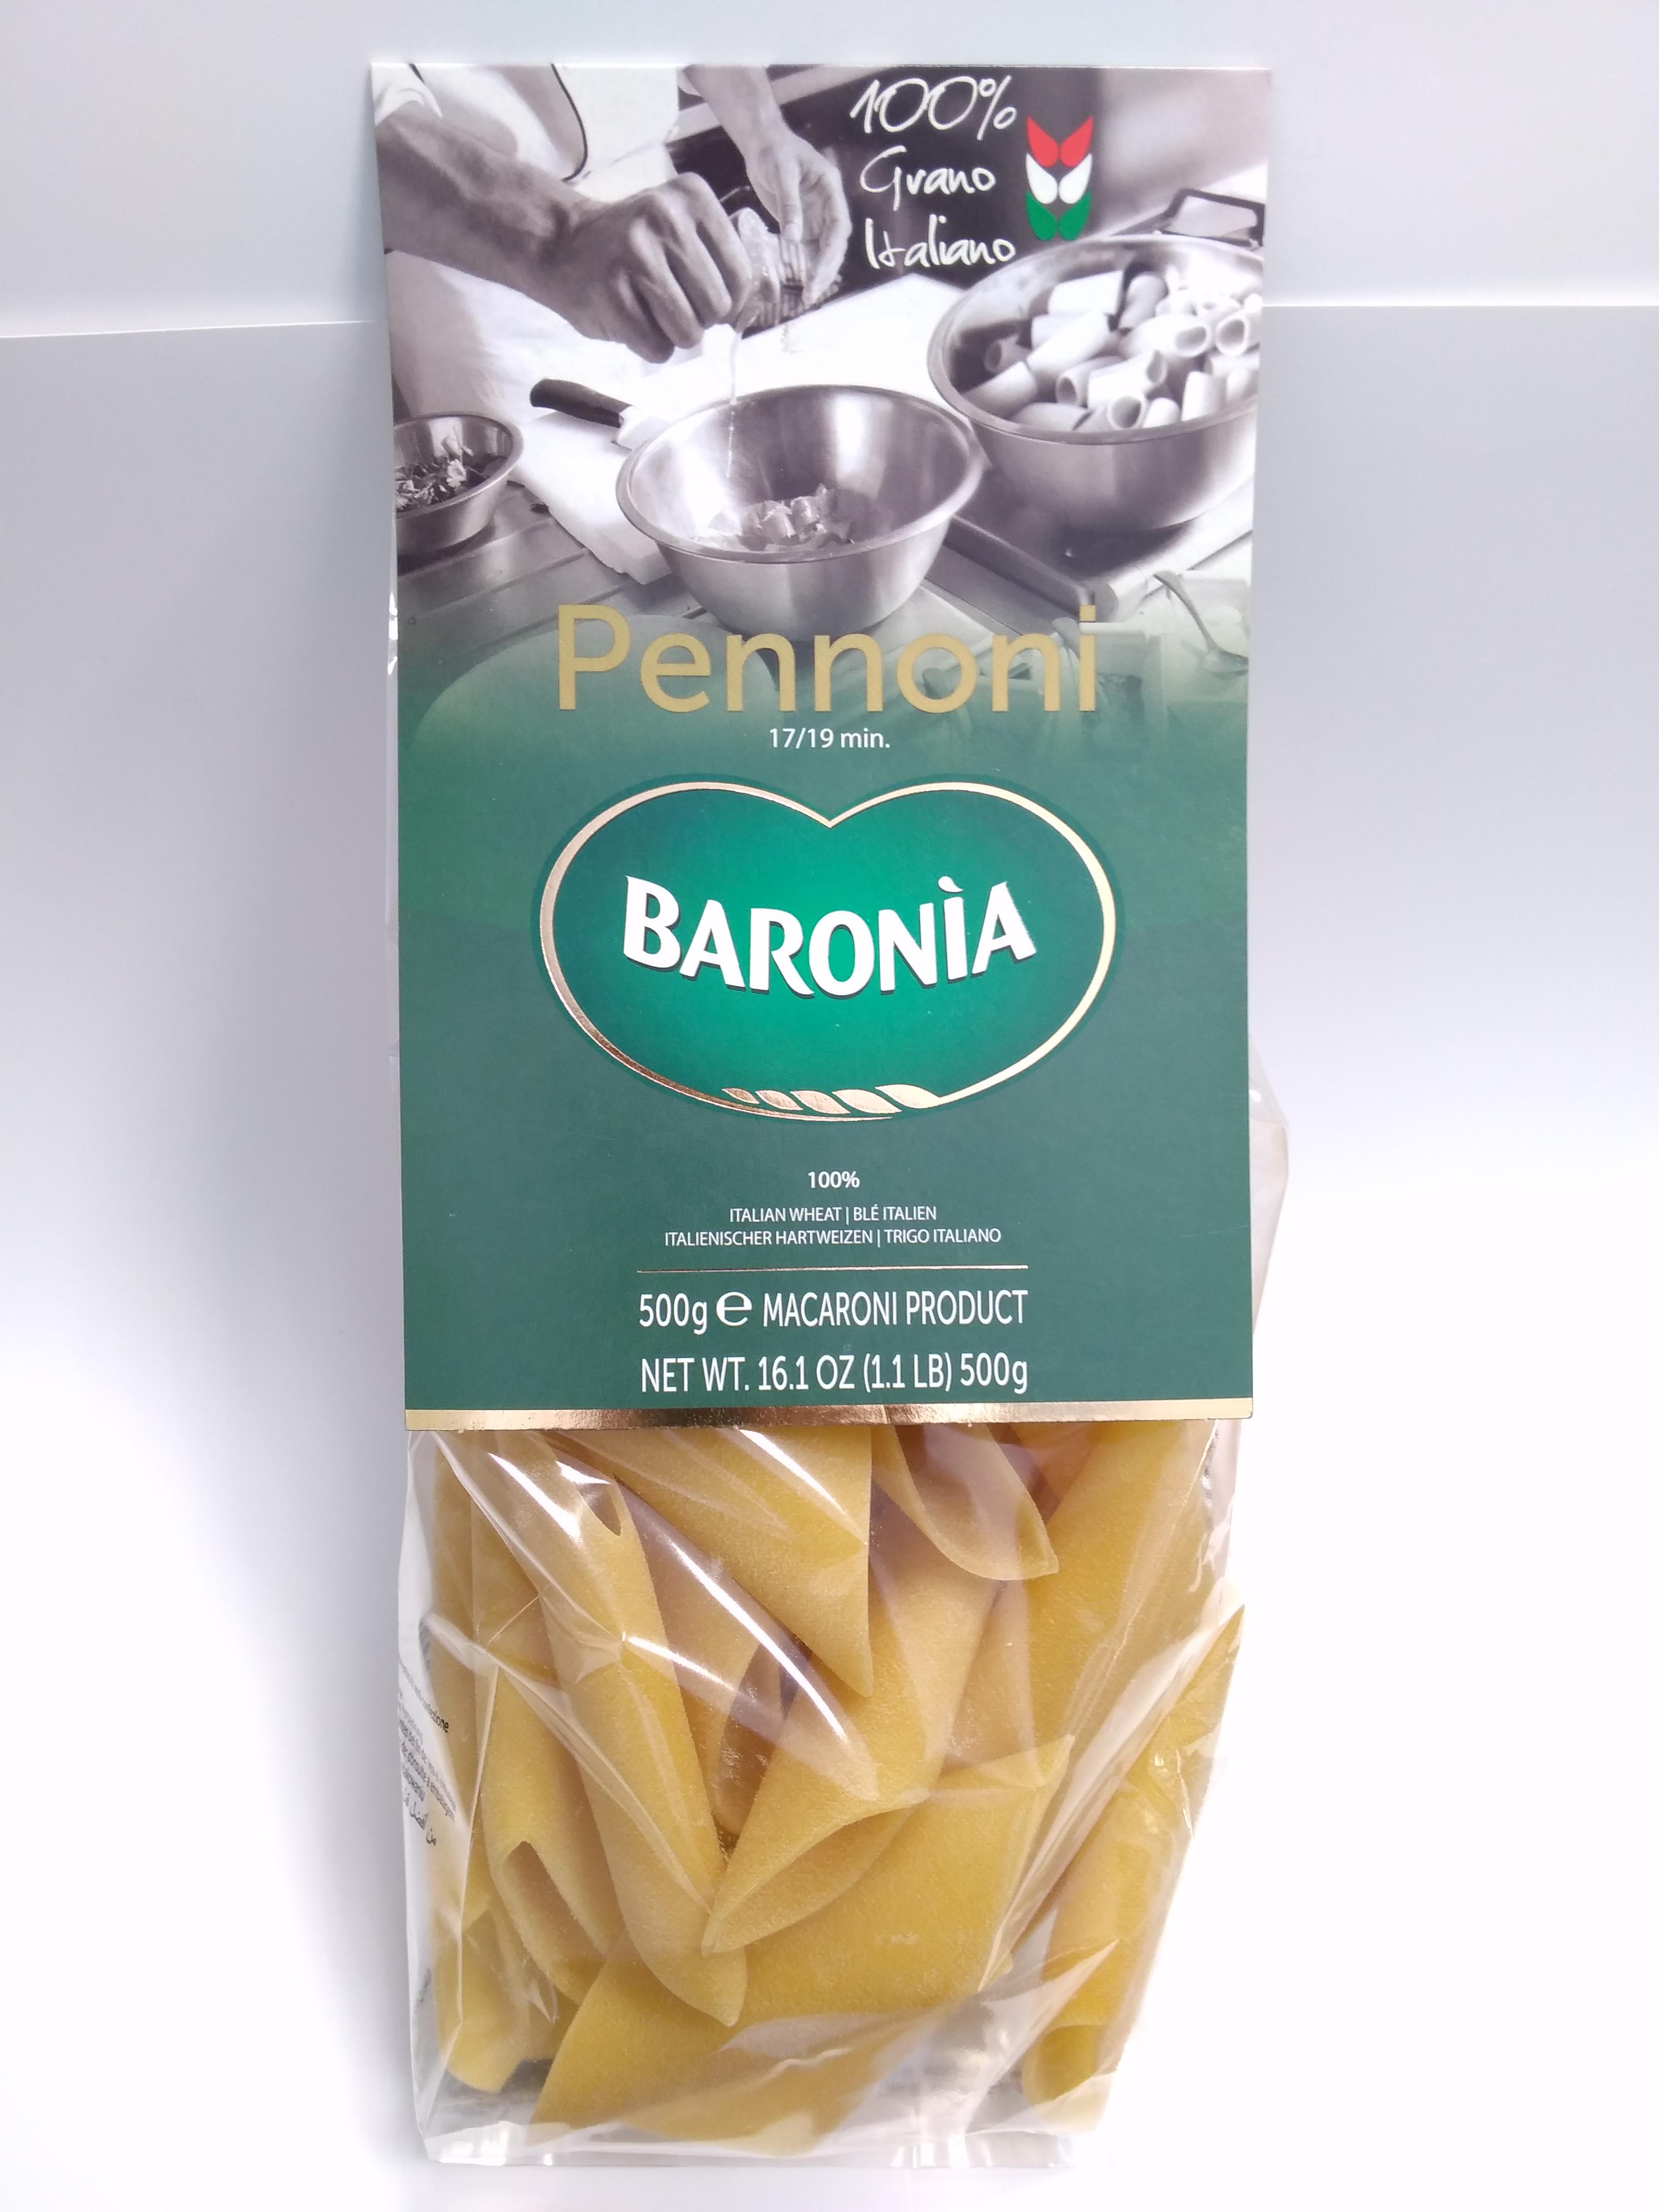 Макароны Baronia Pennoni Гиганти, 500